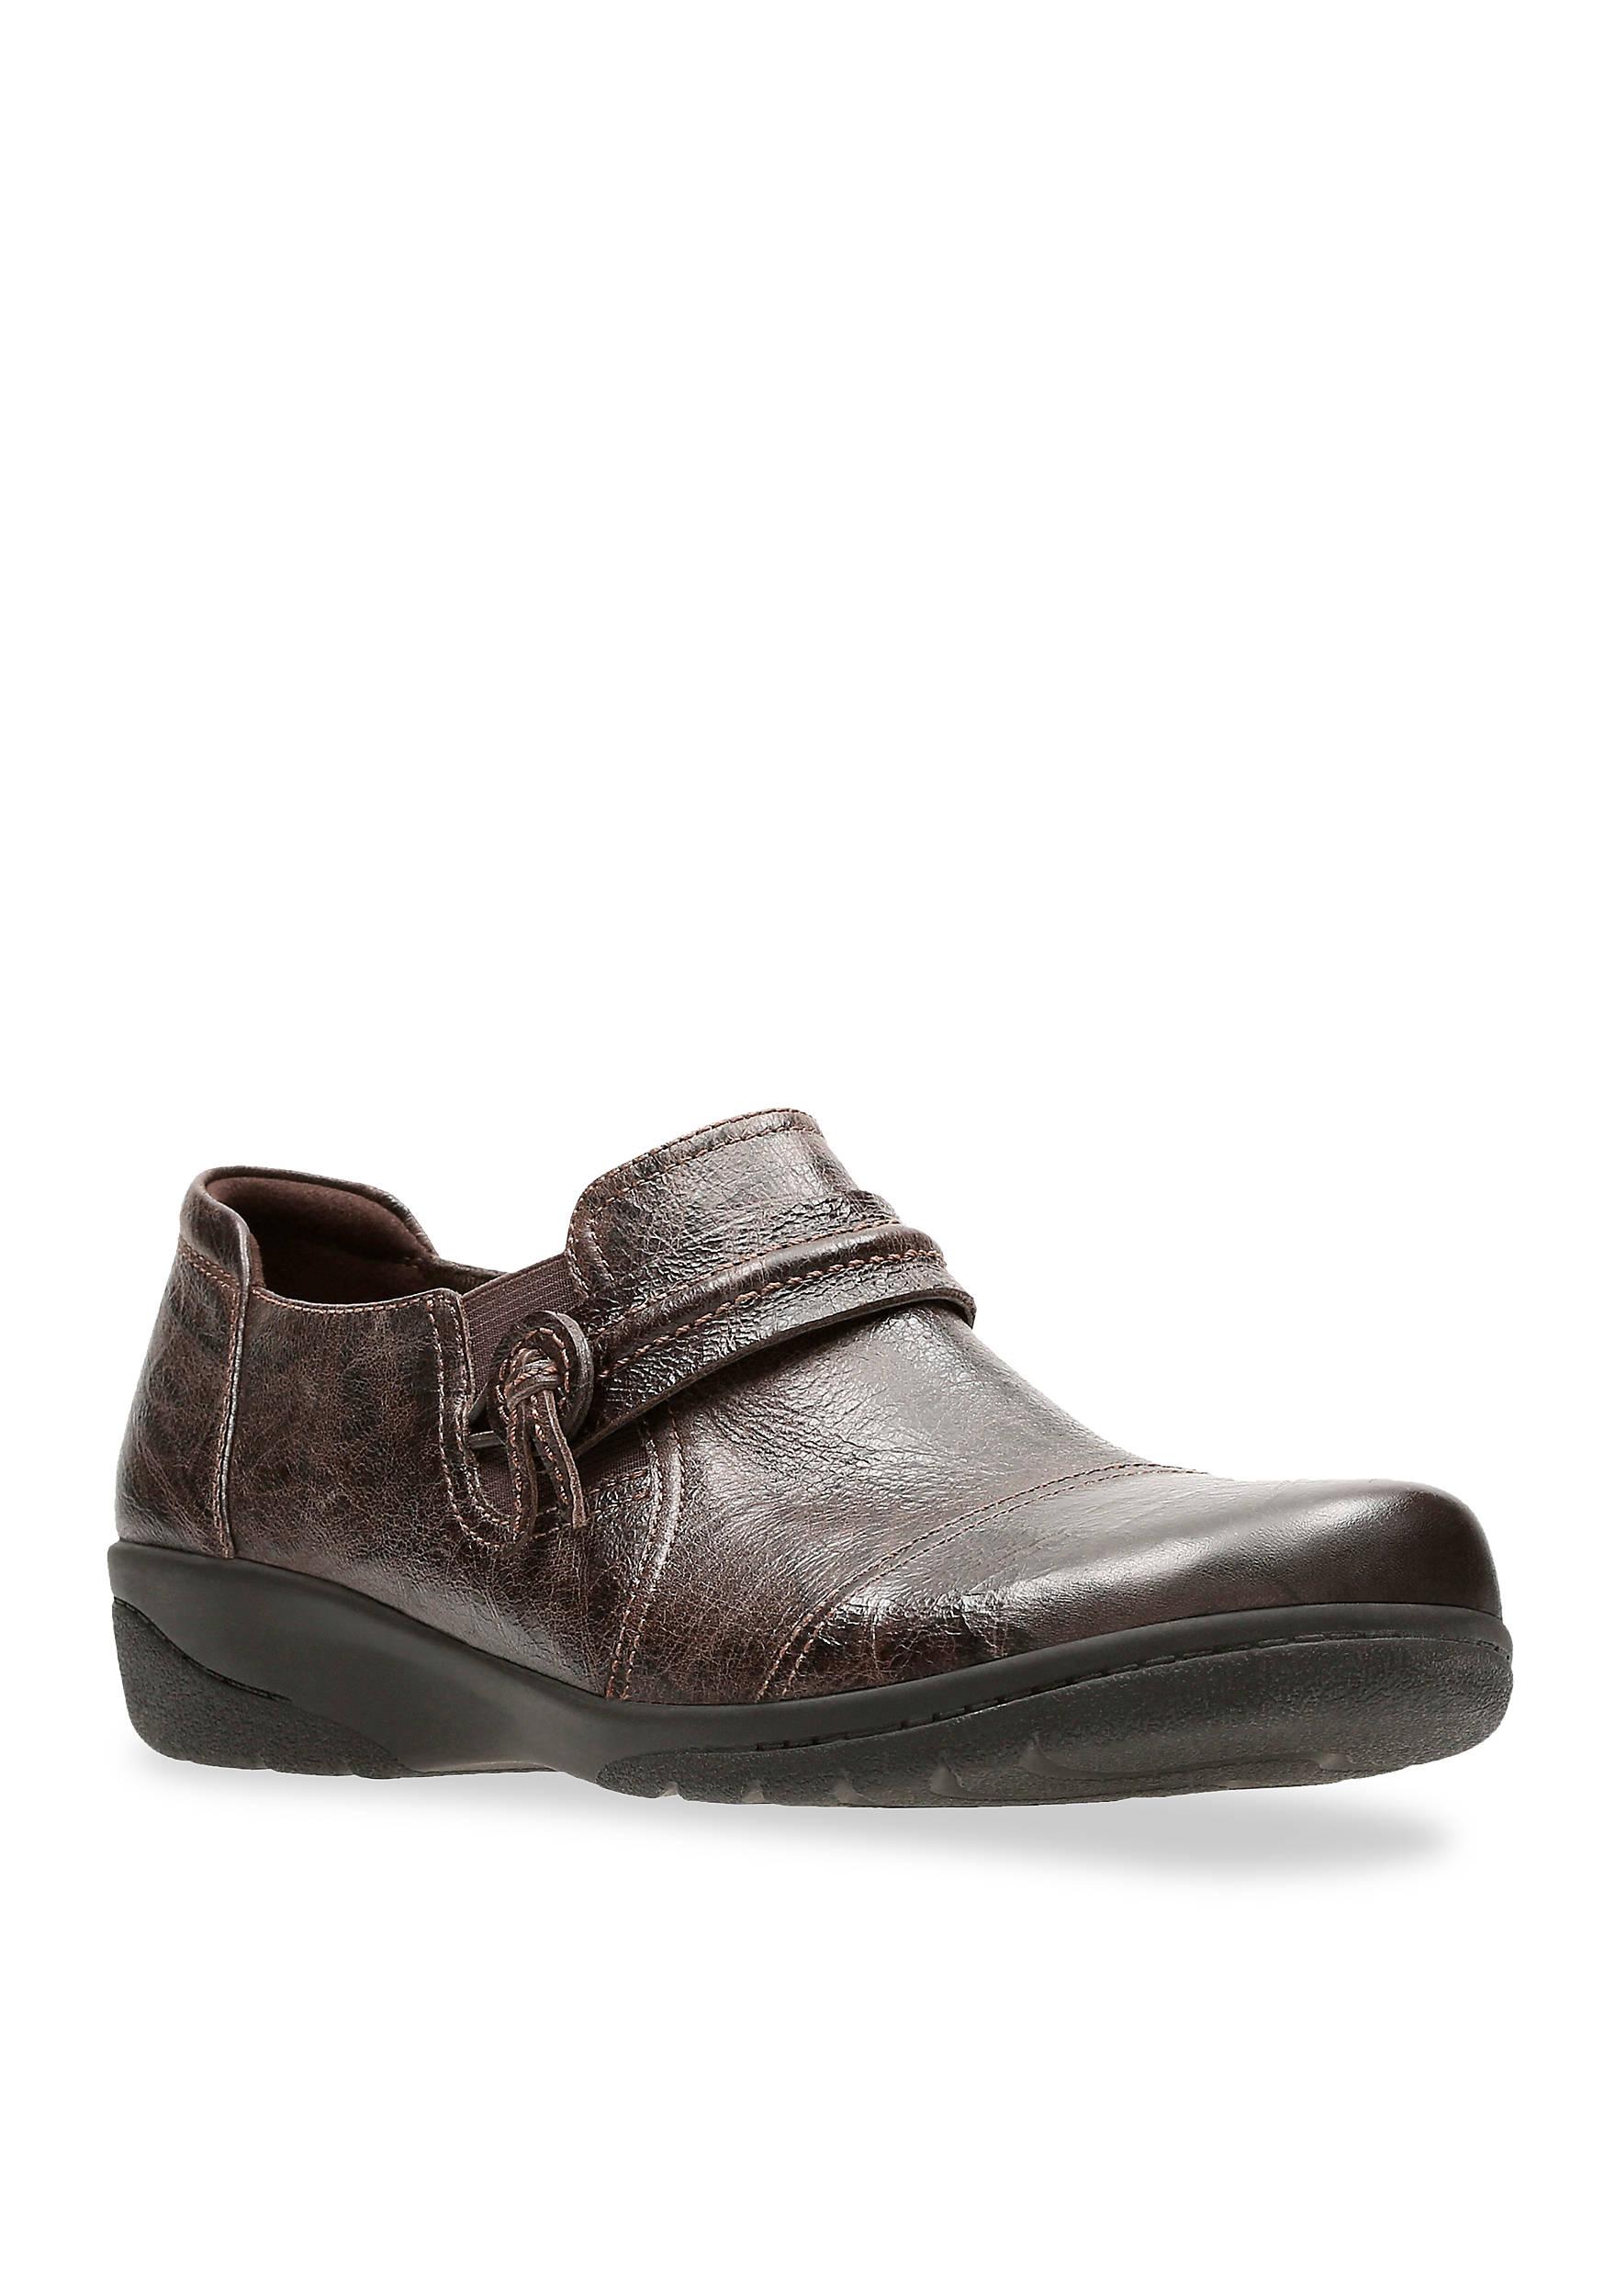 Shoe Shop Cookeville Tn